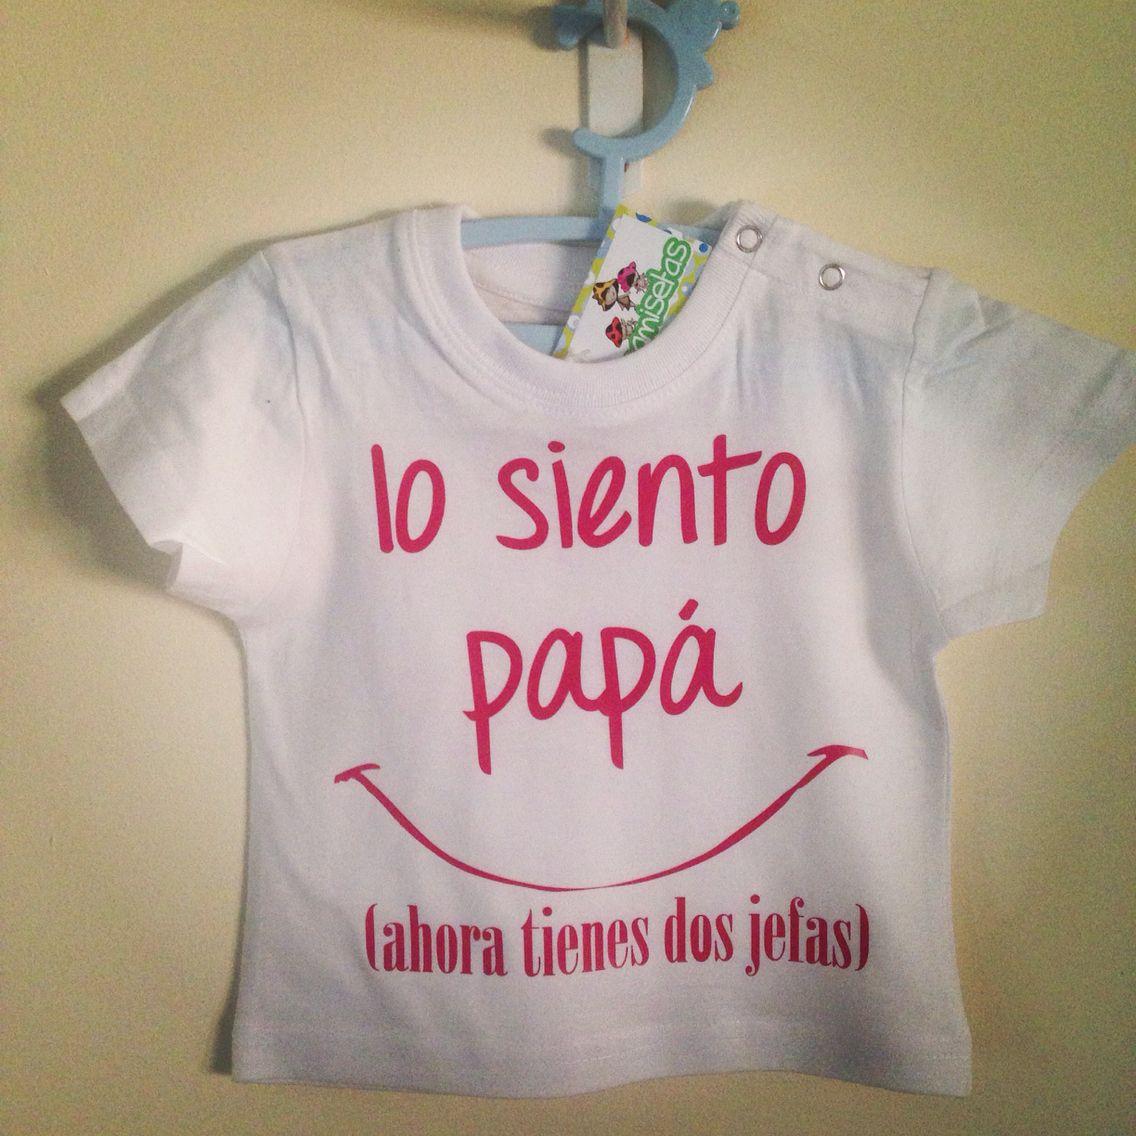 Camiseta Molona Para Ni Os S Per Molonas Y Personalizadas  ~ Ideas Para Decorar Camisetas Infantiles